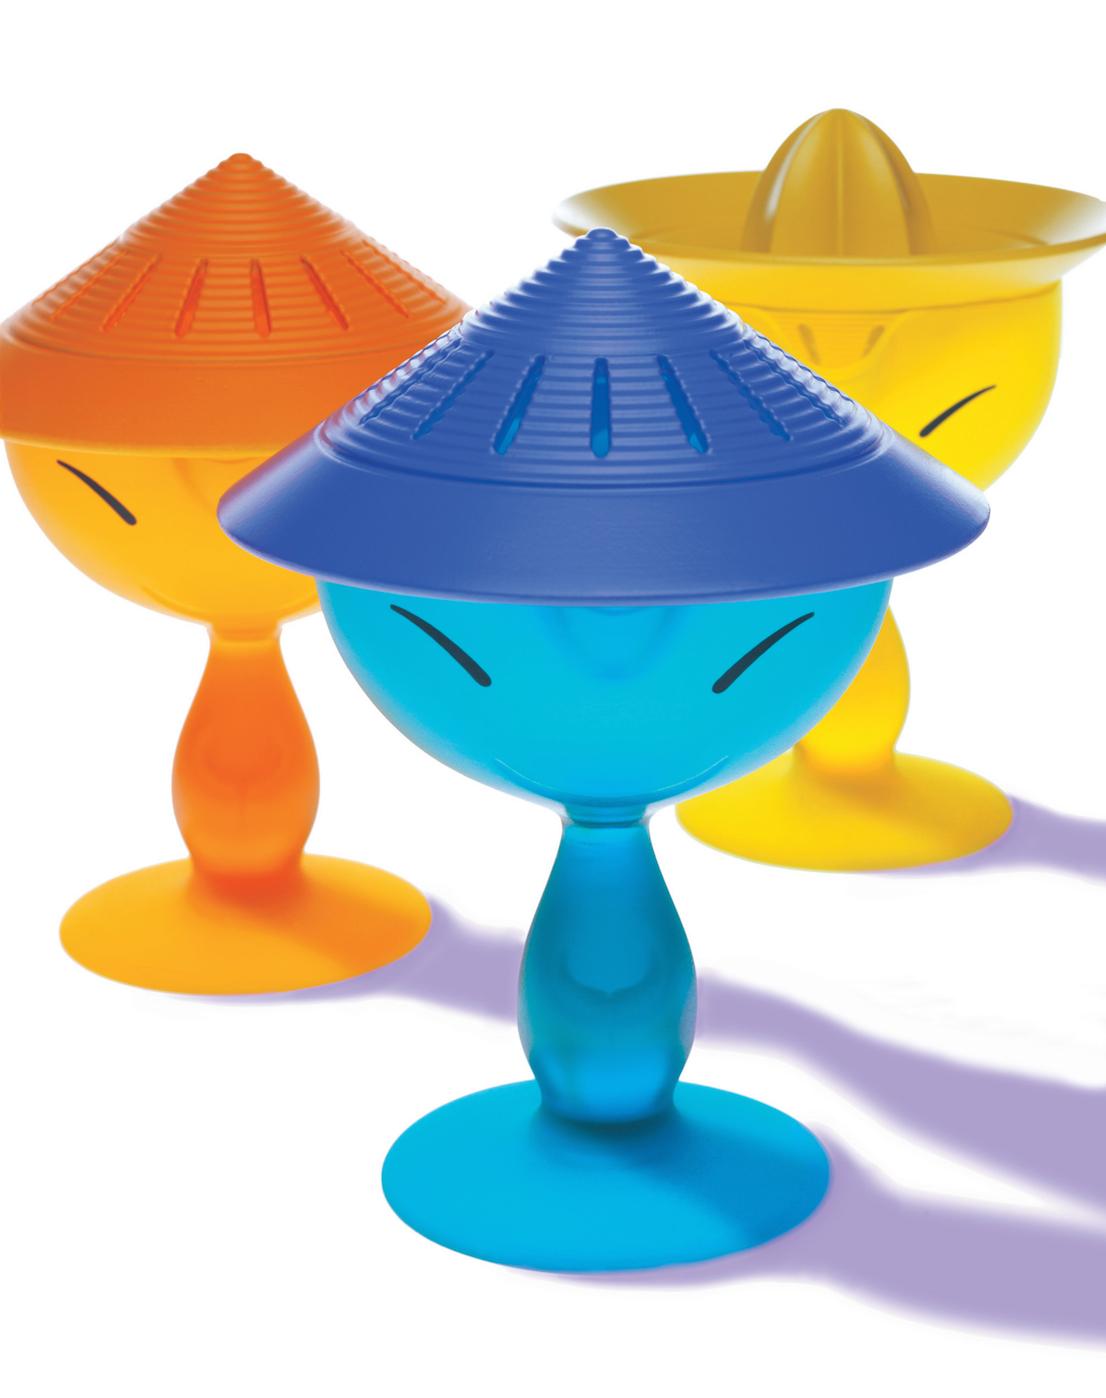 Mandarin, design di Stefano Giovannoni per Alessi, 2001.